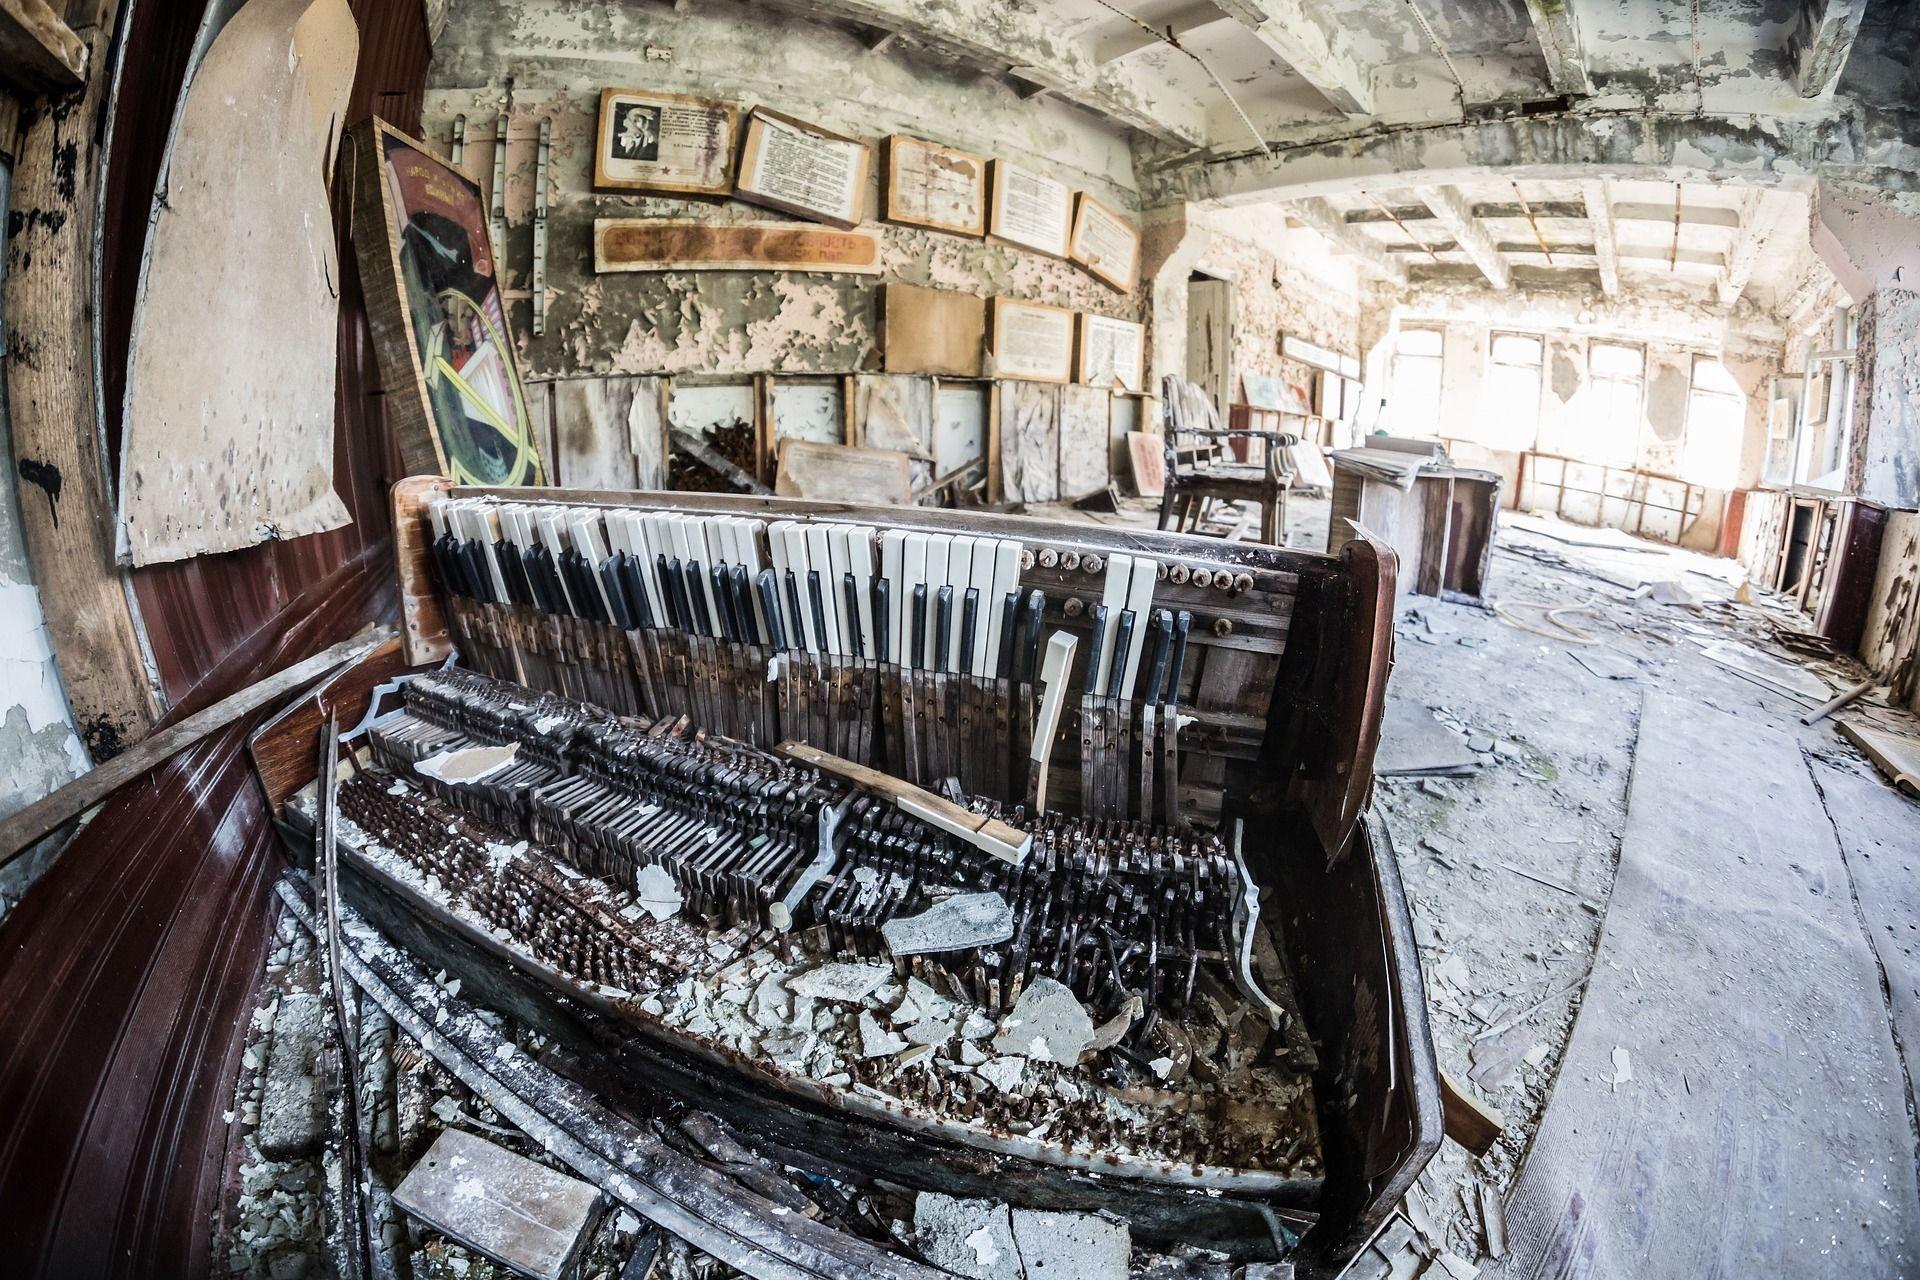 Viele der Räume der zahlreichen Gebäude im Ort sind noch im Originalzustand. Die Bewohner wussten nicht, dass sie nie zurückkehren würden.